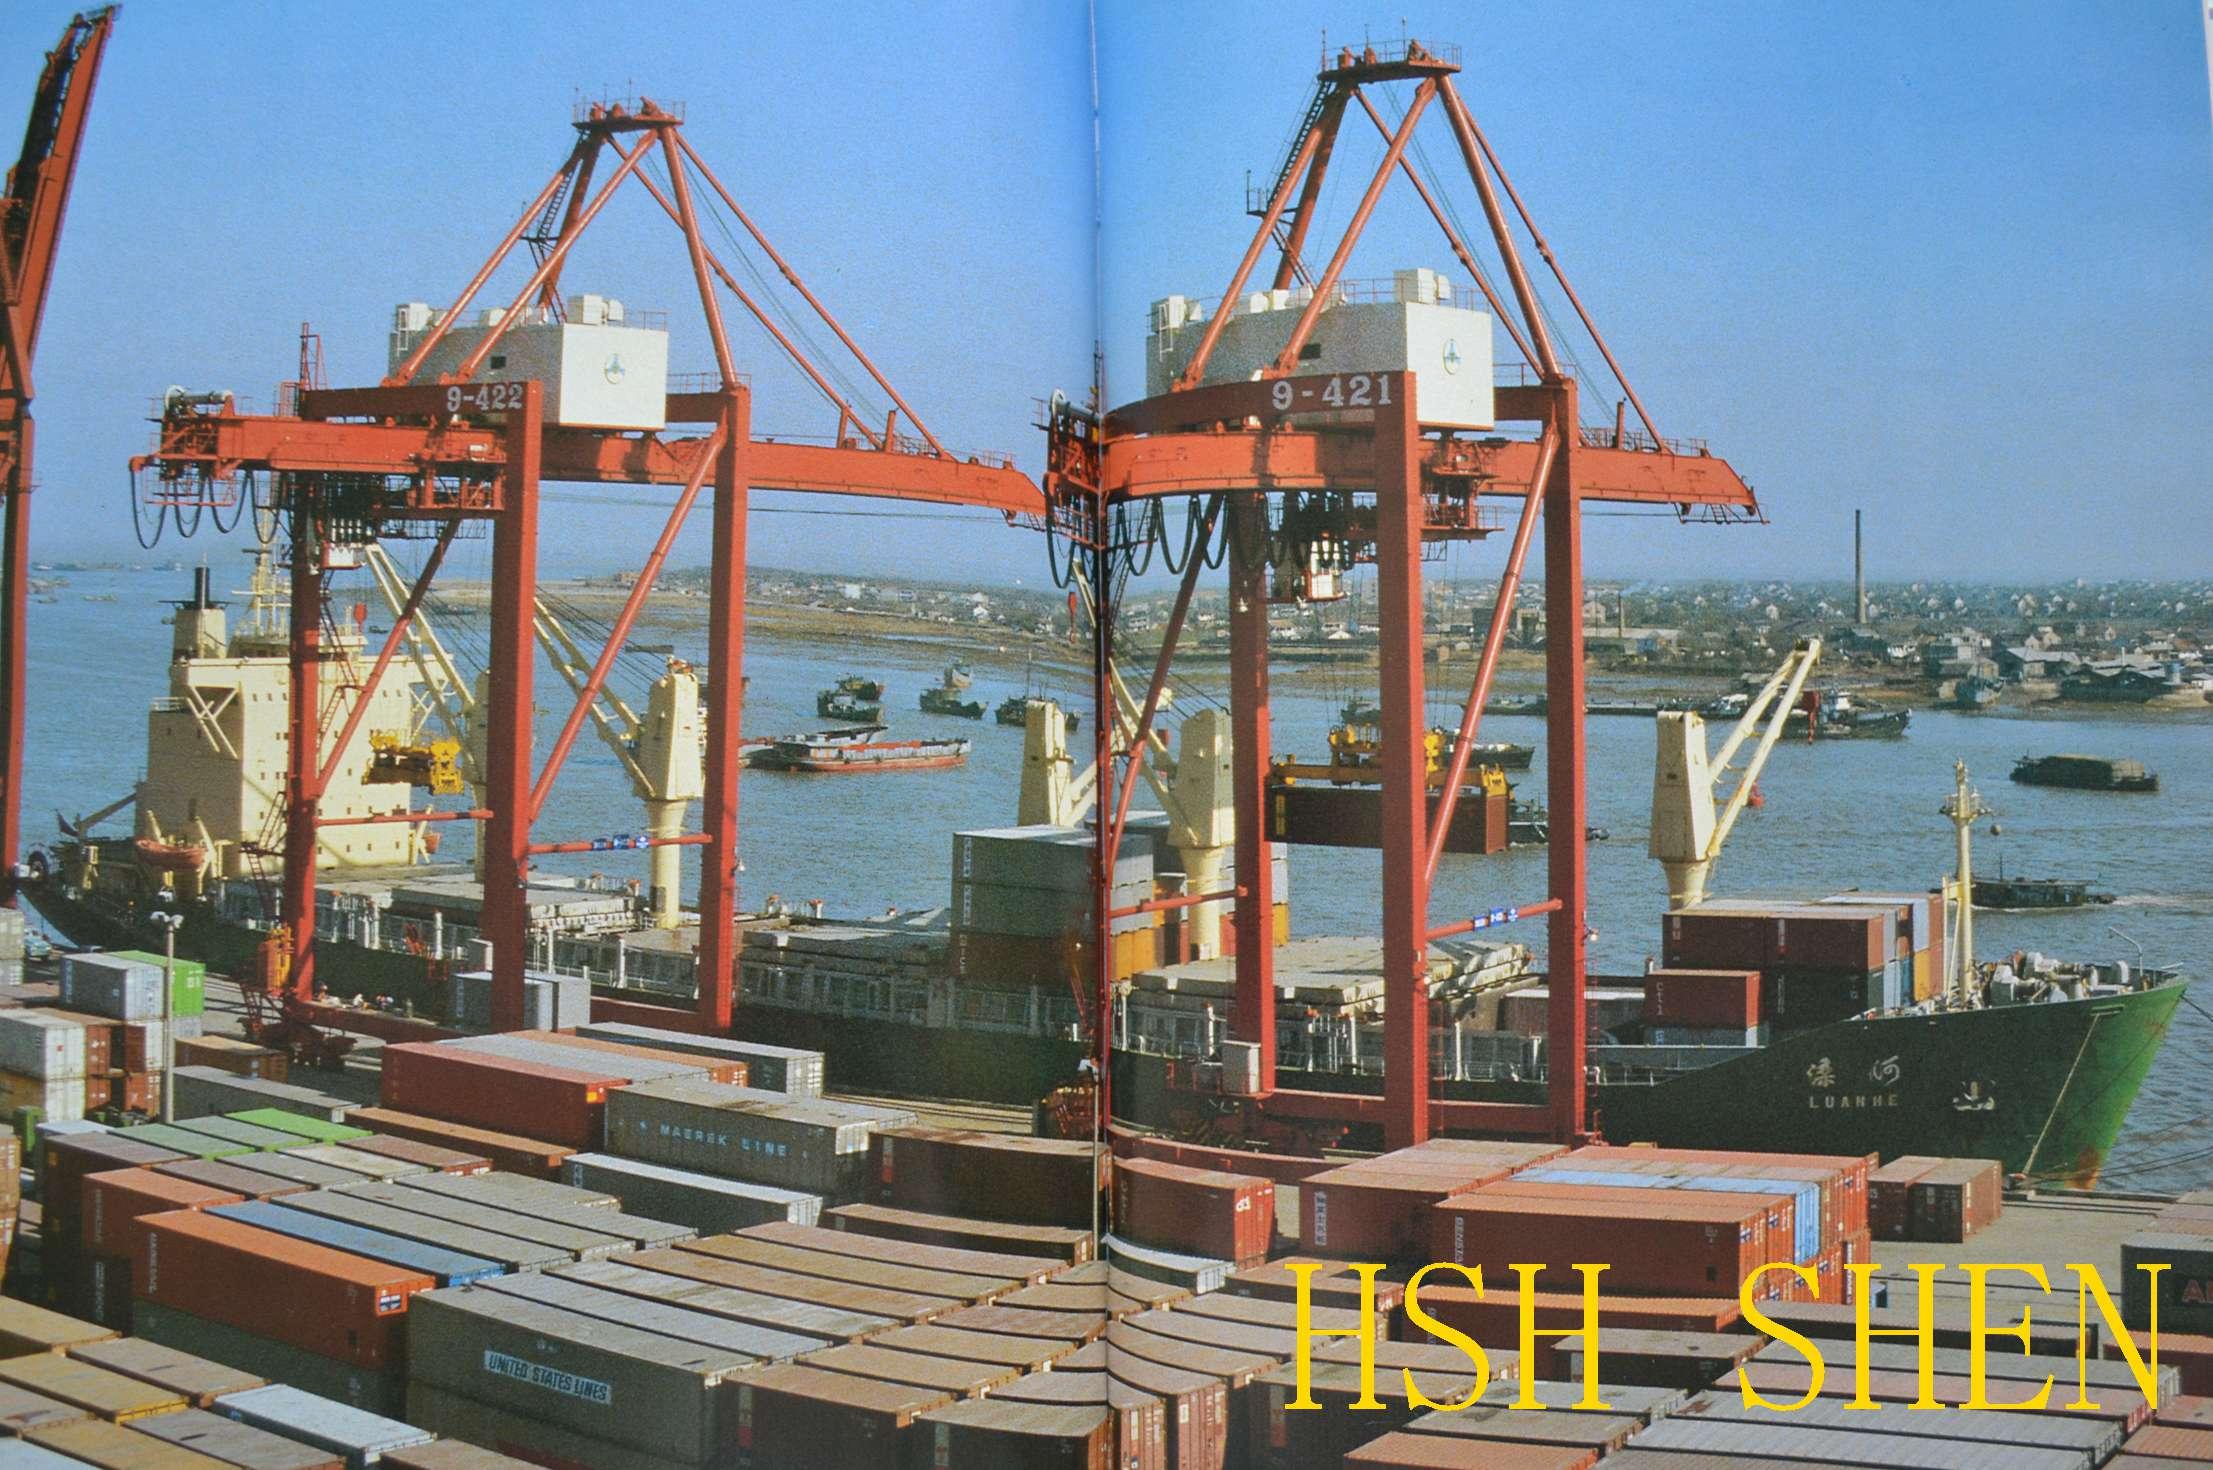 能延伸到内陆周边的以及经长江沿线各个港口的内贸集装箱的门对门的